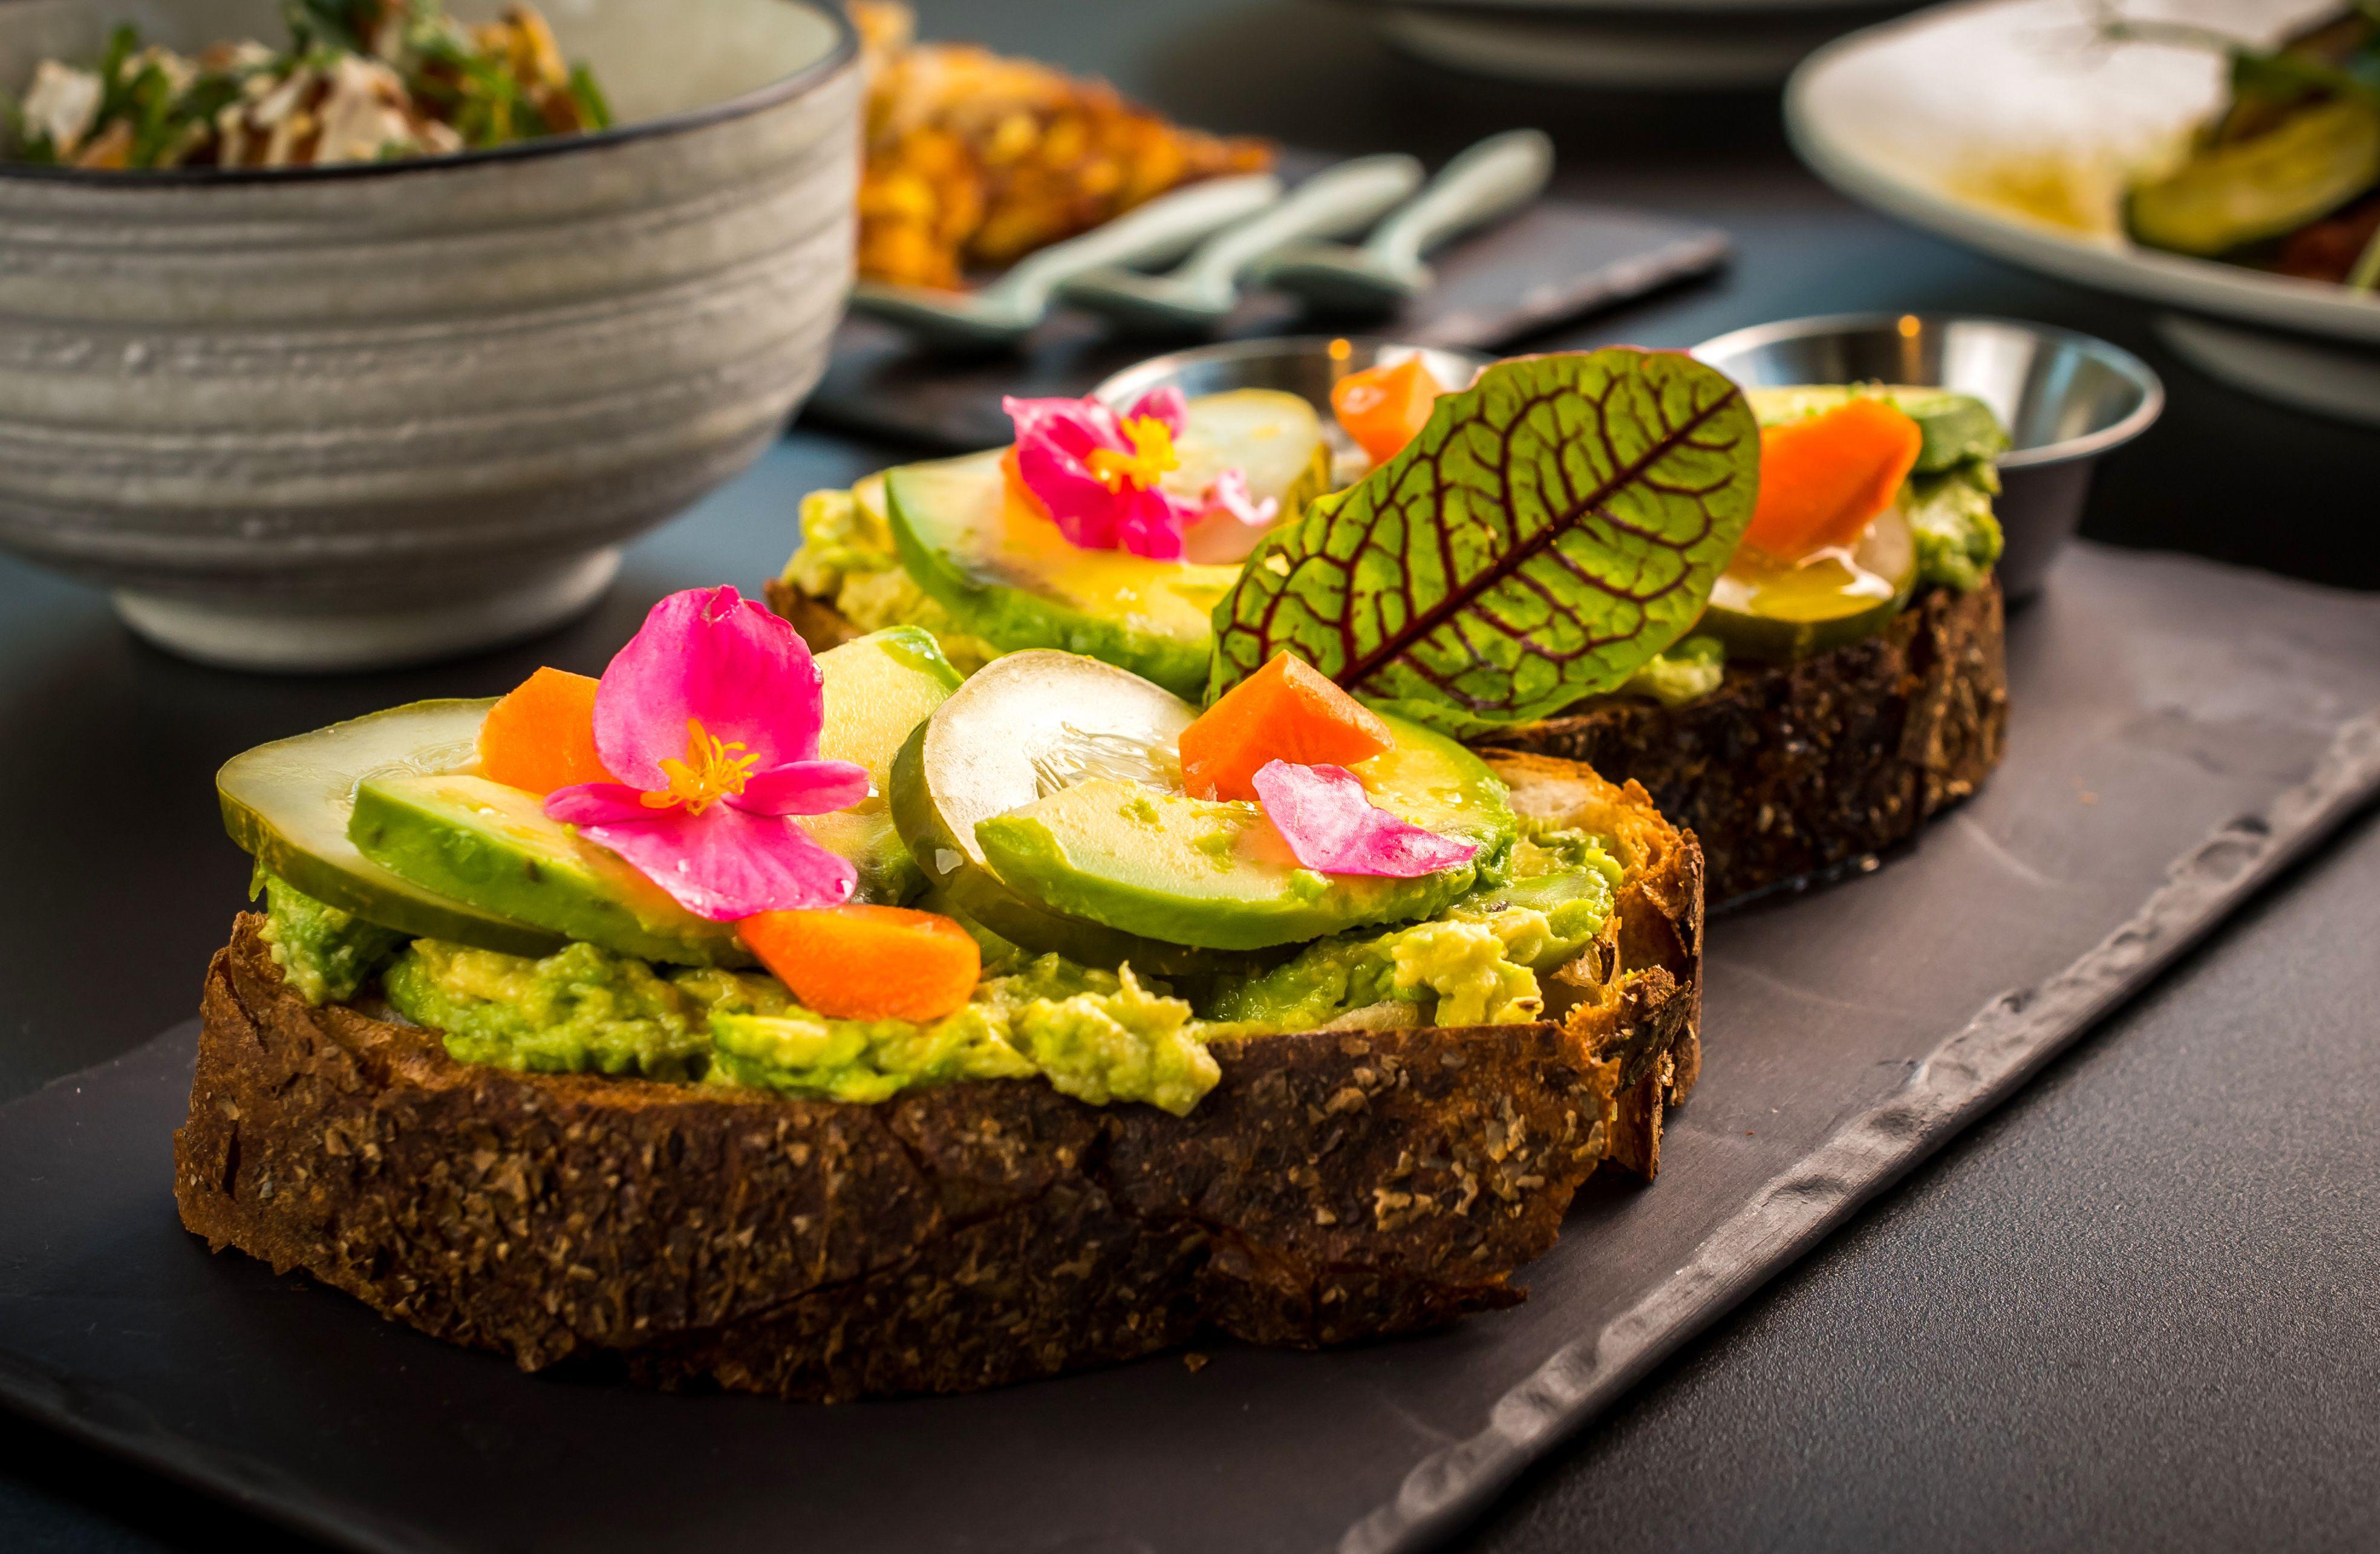 Avocado toast at Planta